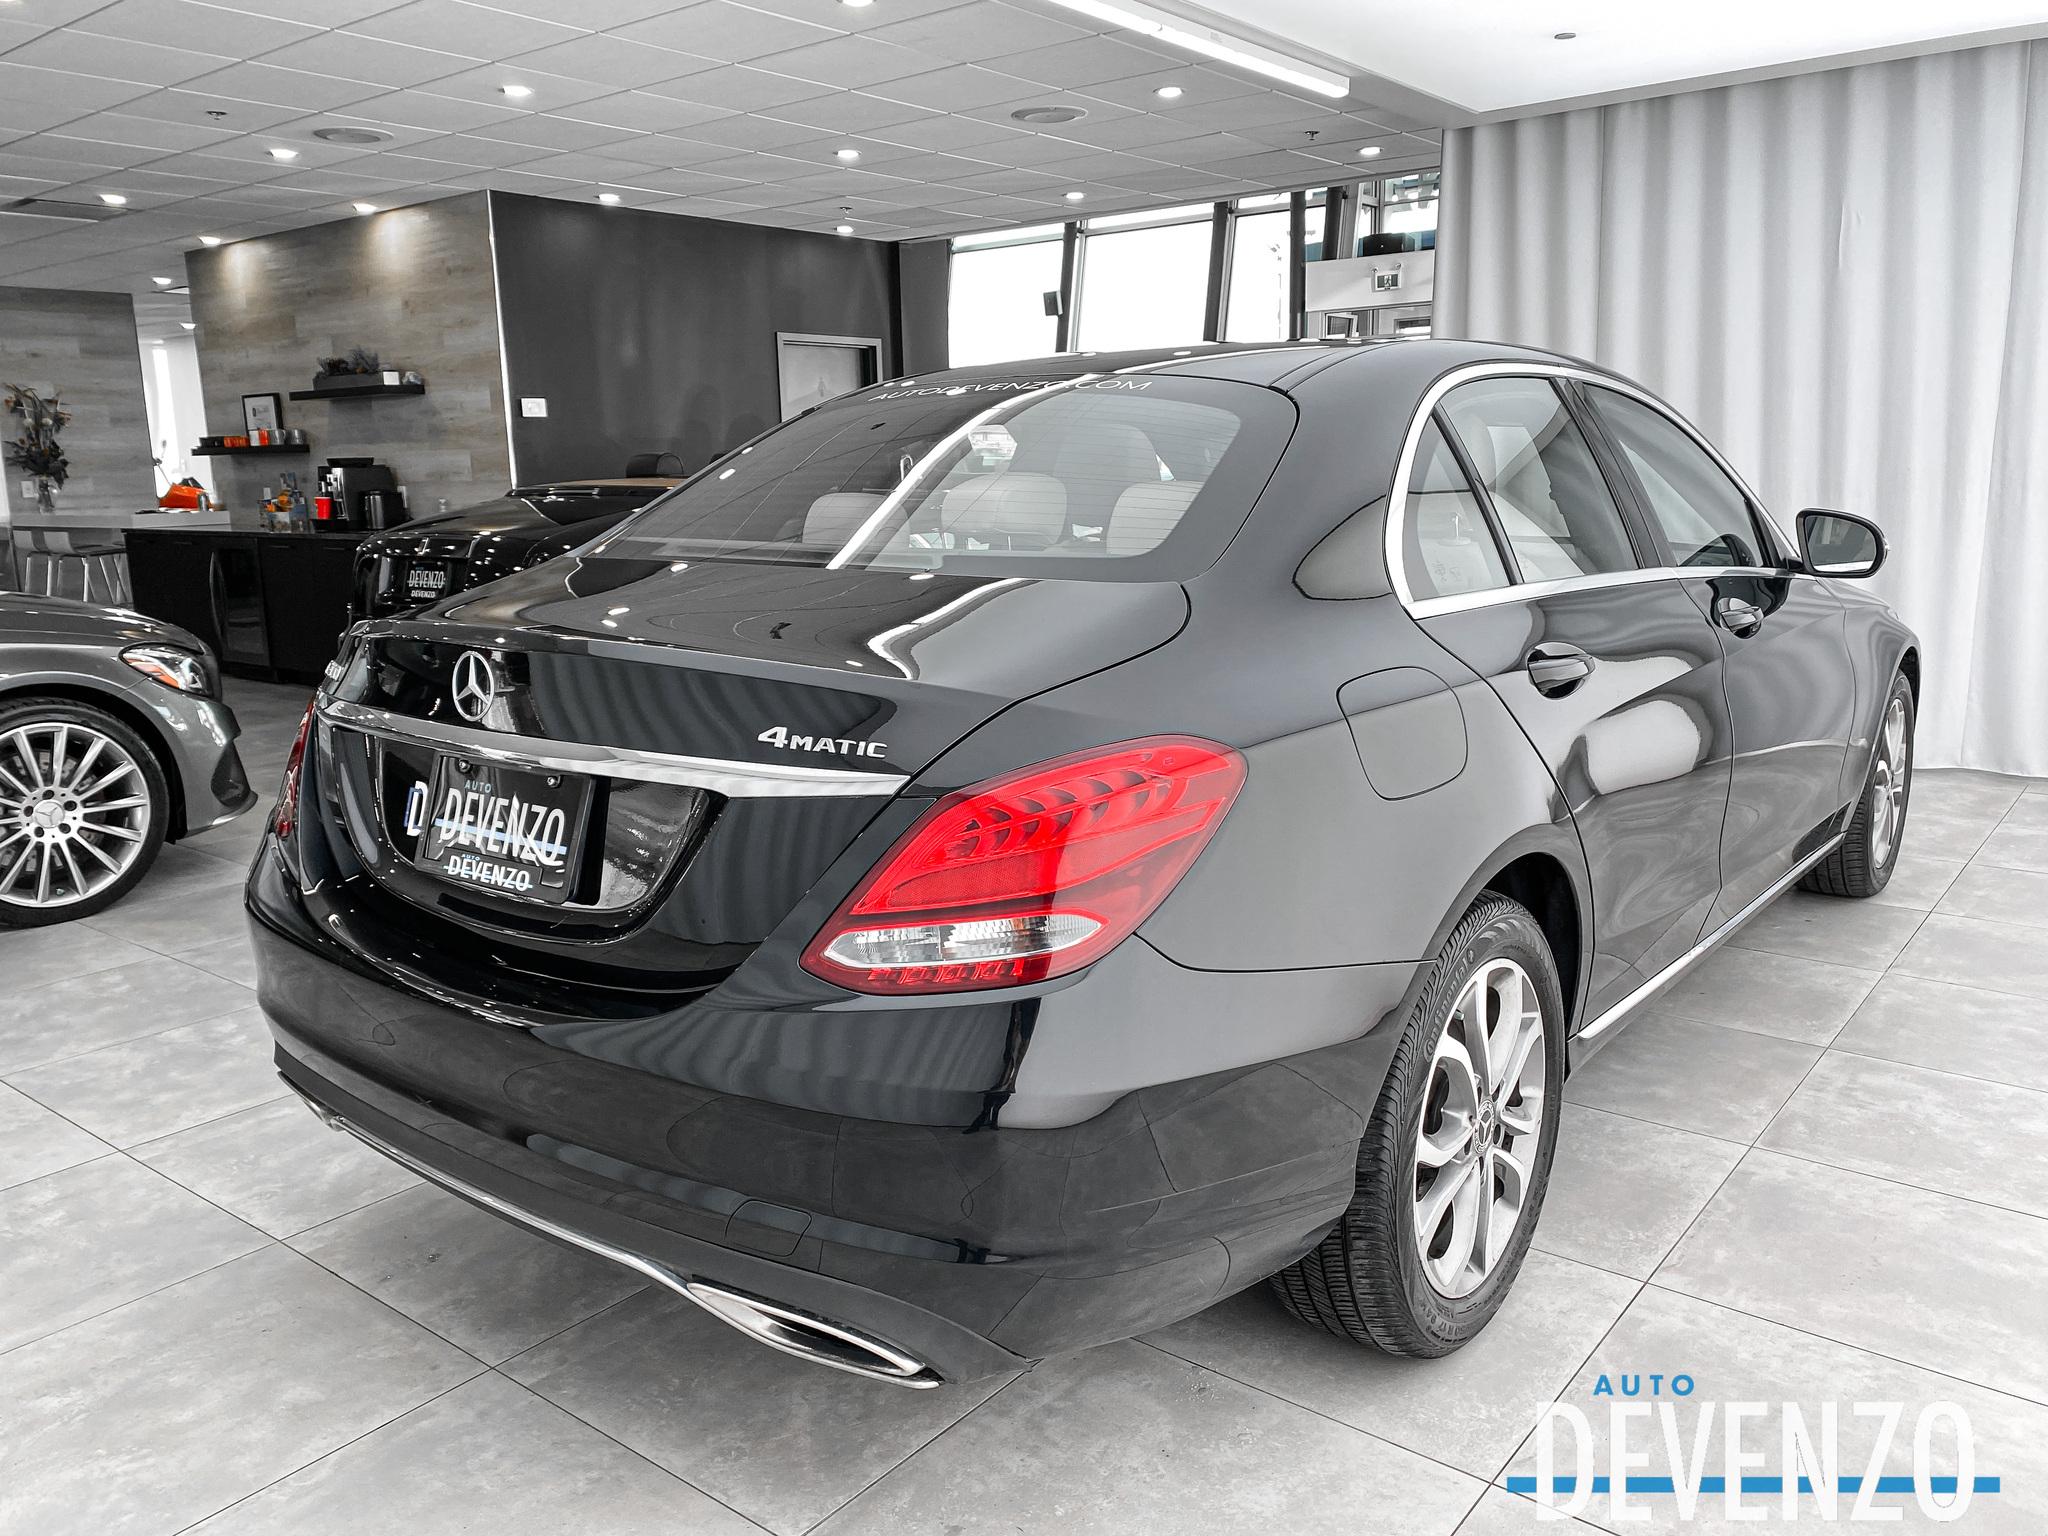 2017 Mercedes-Benz C-Class C300 4MATIC TOIT PANO / GPS NAVI / CAMERA complet